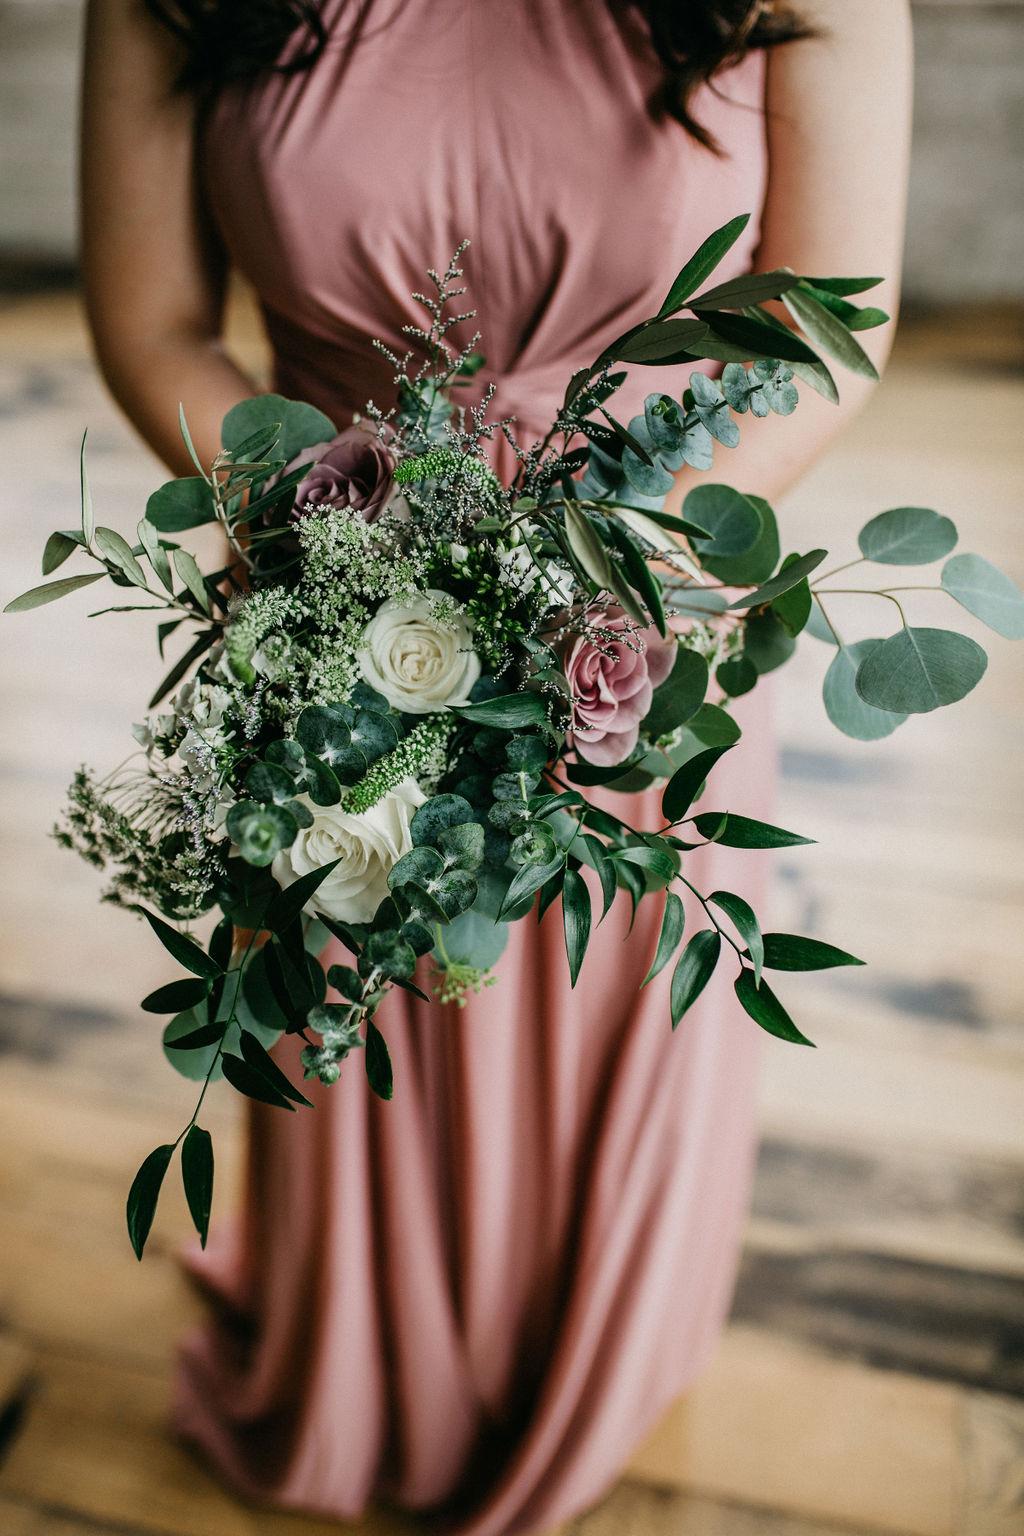 A bridesmaids bouquet